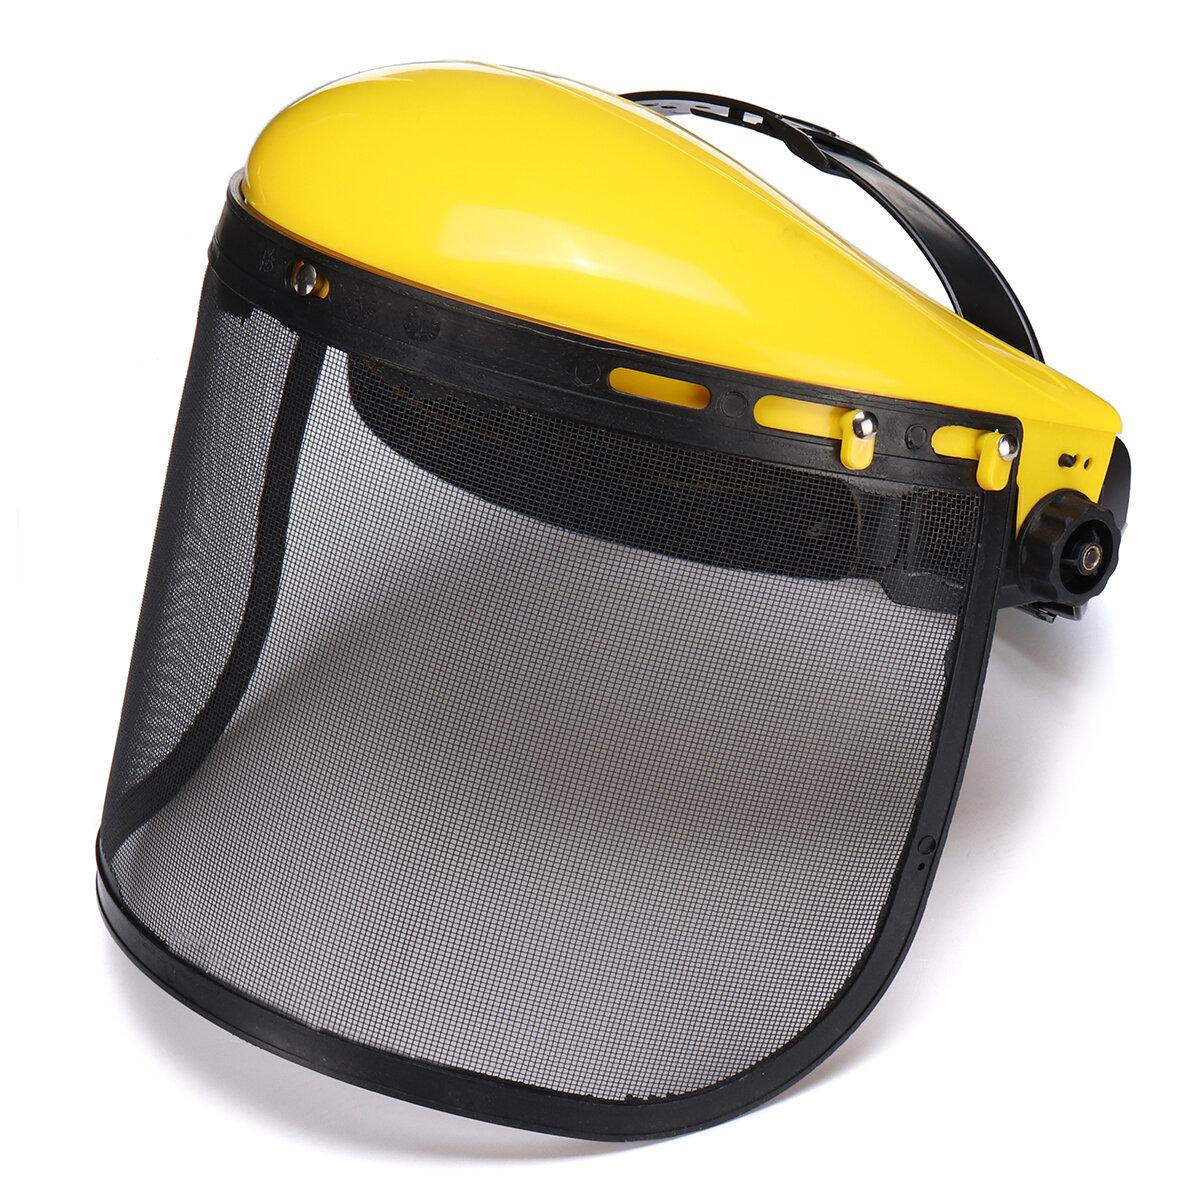 Casco de seguridad amarillo de cara completa Mascara Motosierra Brushcutte Malla para cortadora de césped Trimmer Cortador de cepillo